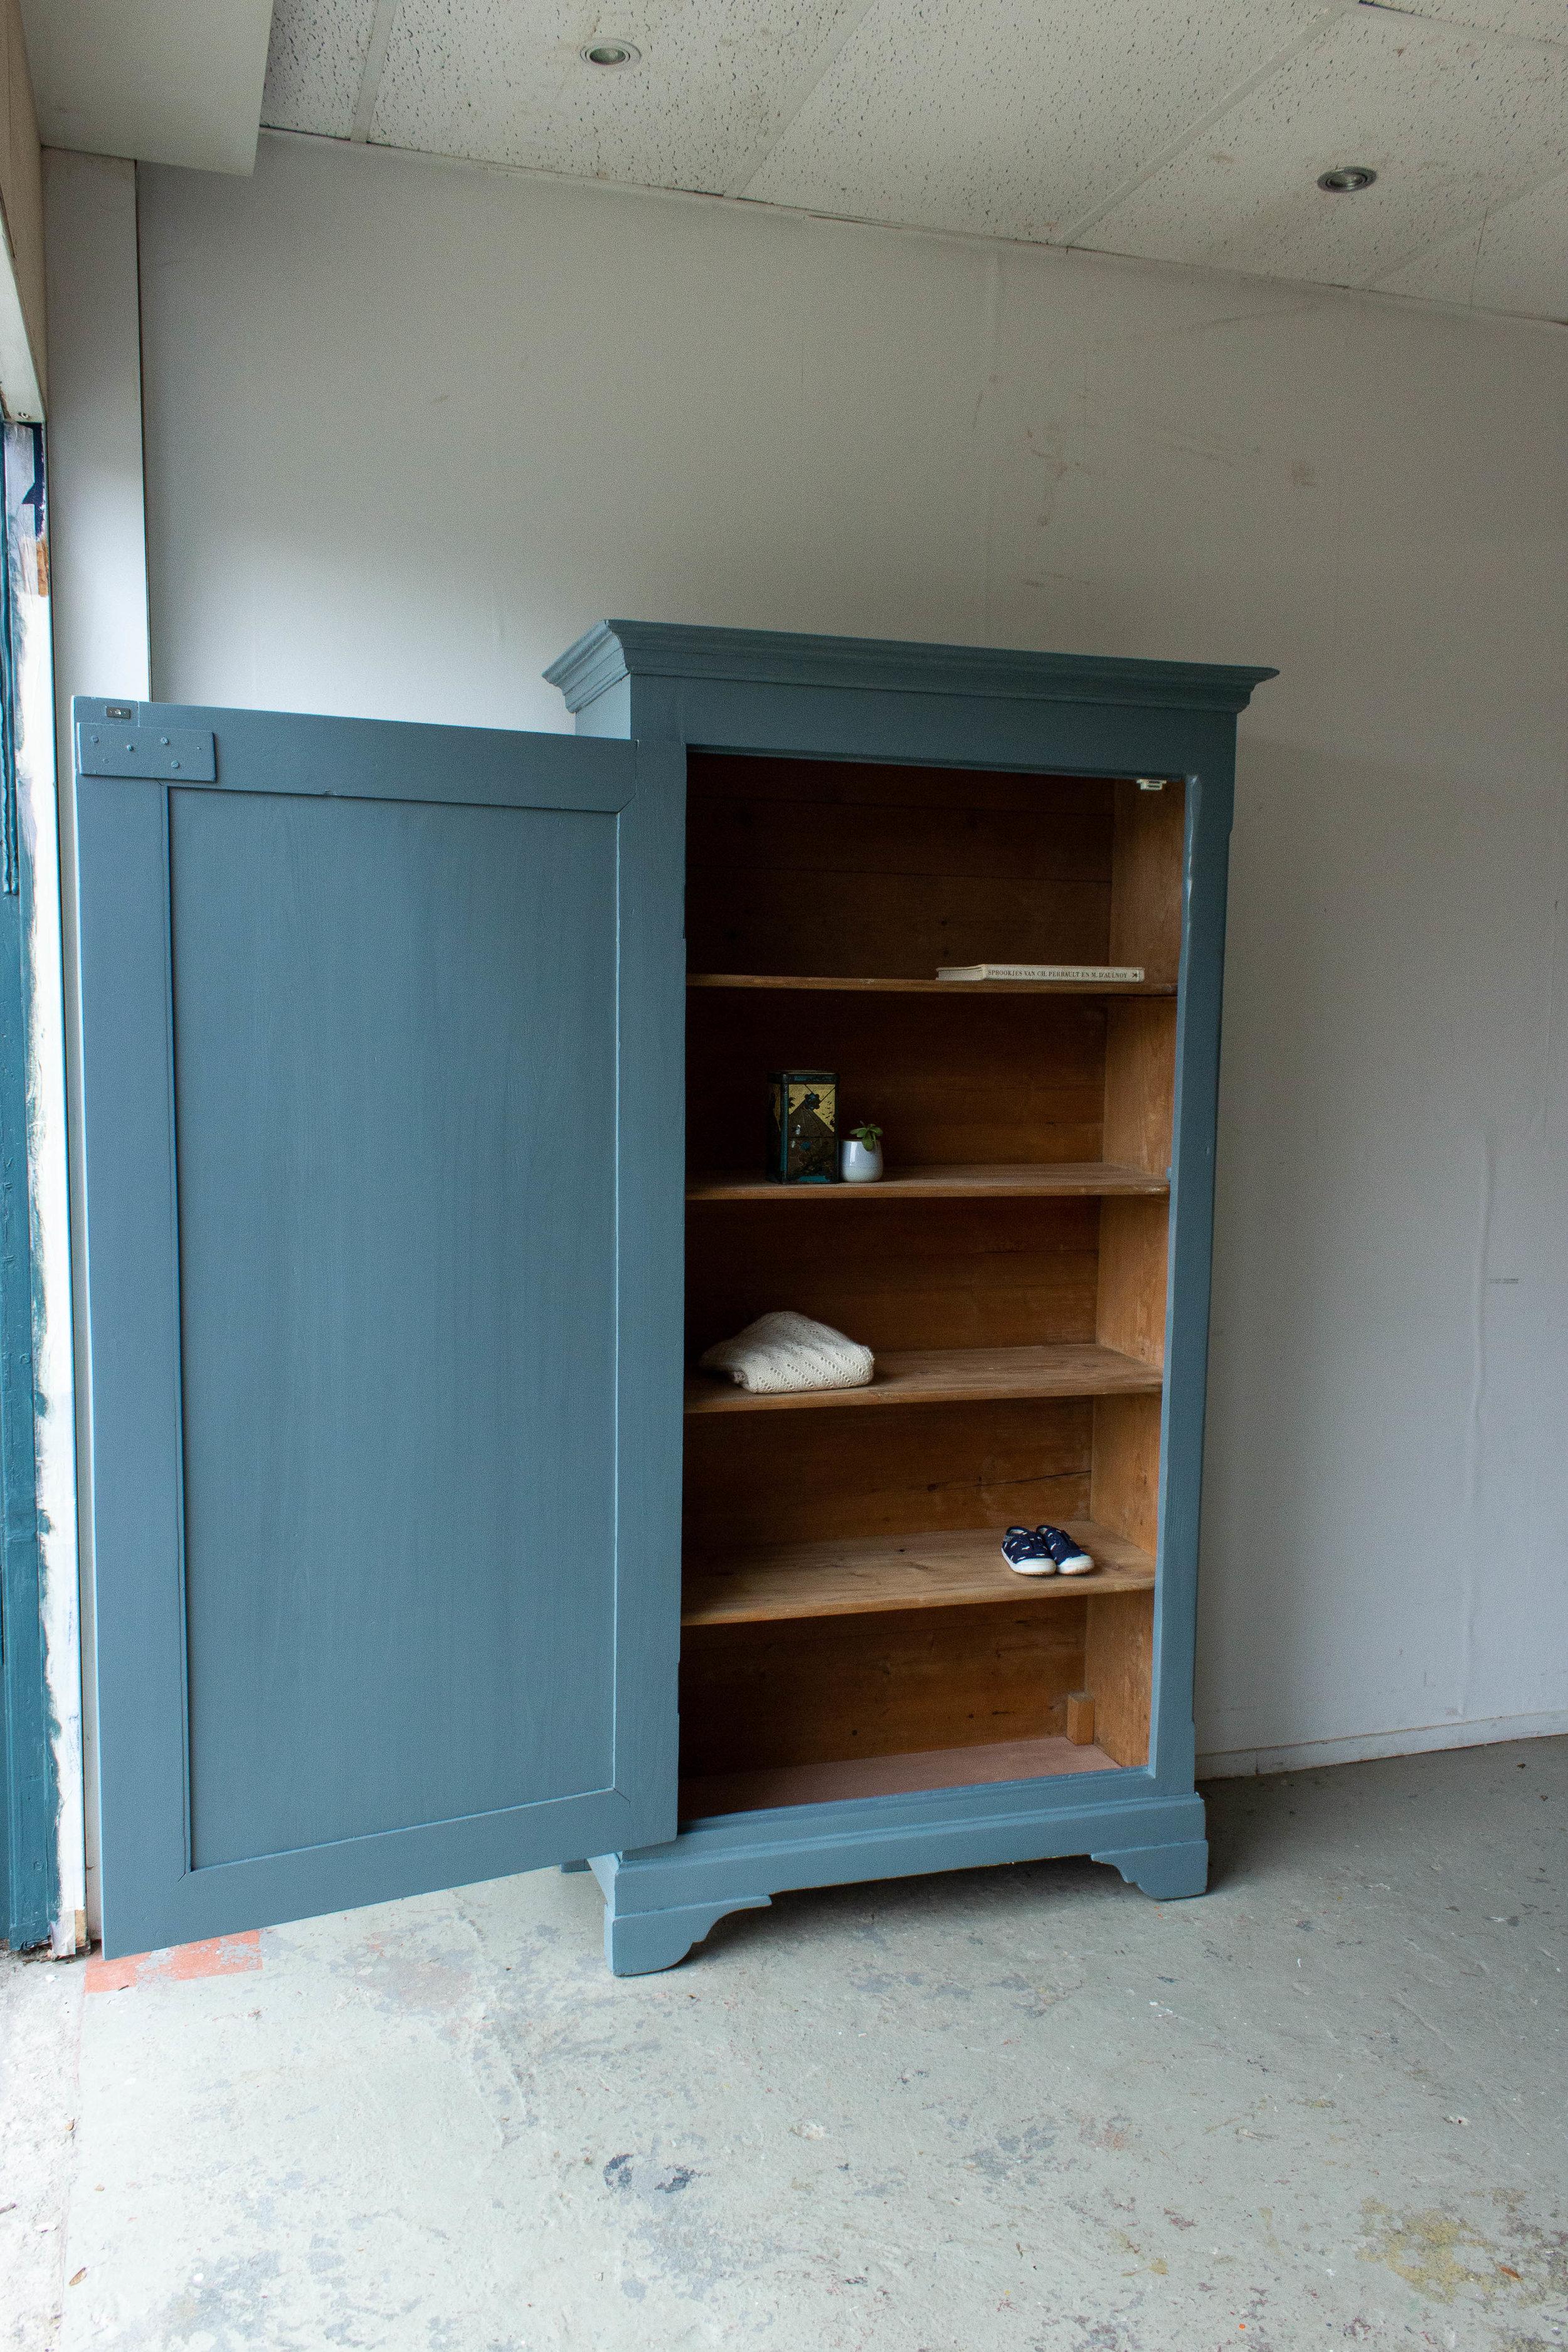 1465 - Grijsblauwe vintage kledingkast-7.jpg